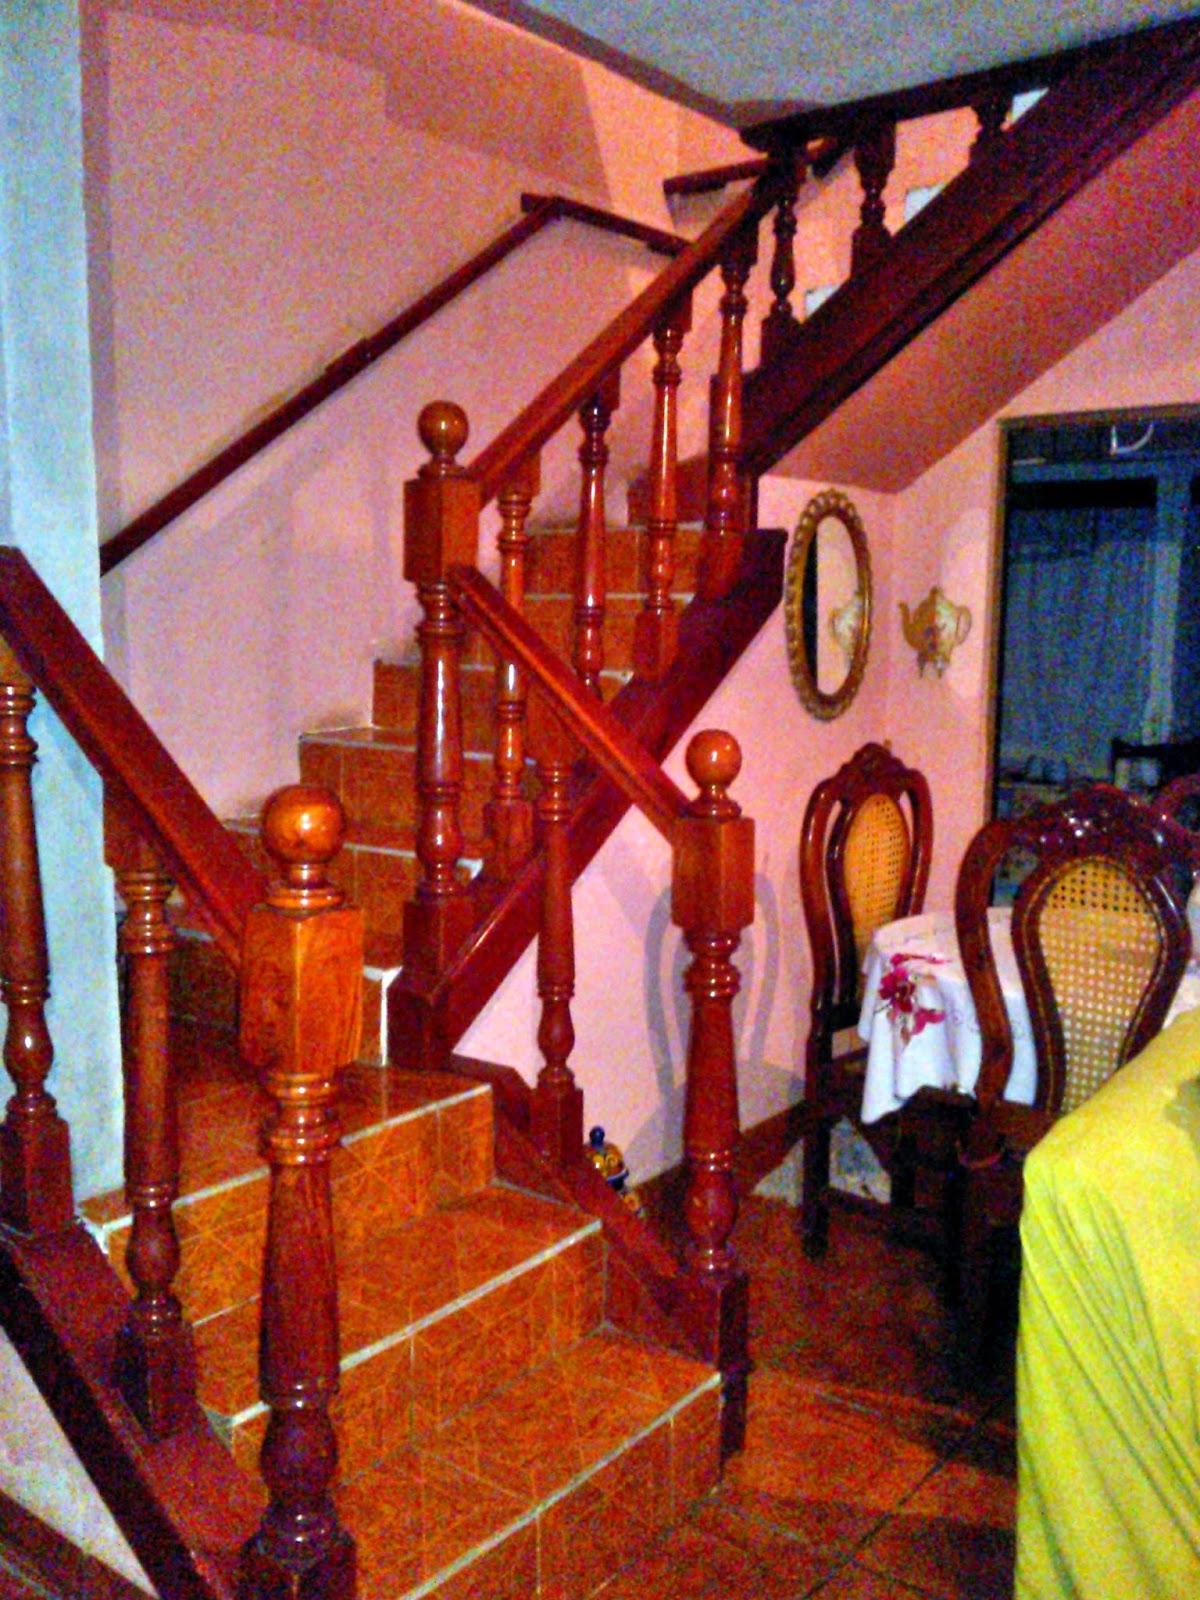 Puntos basicos carpinteria 1 11 14 - Escaleras ramon moreno ...